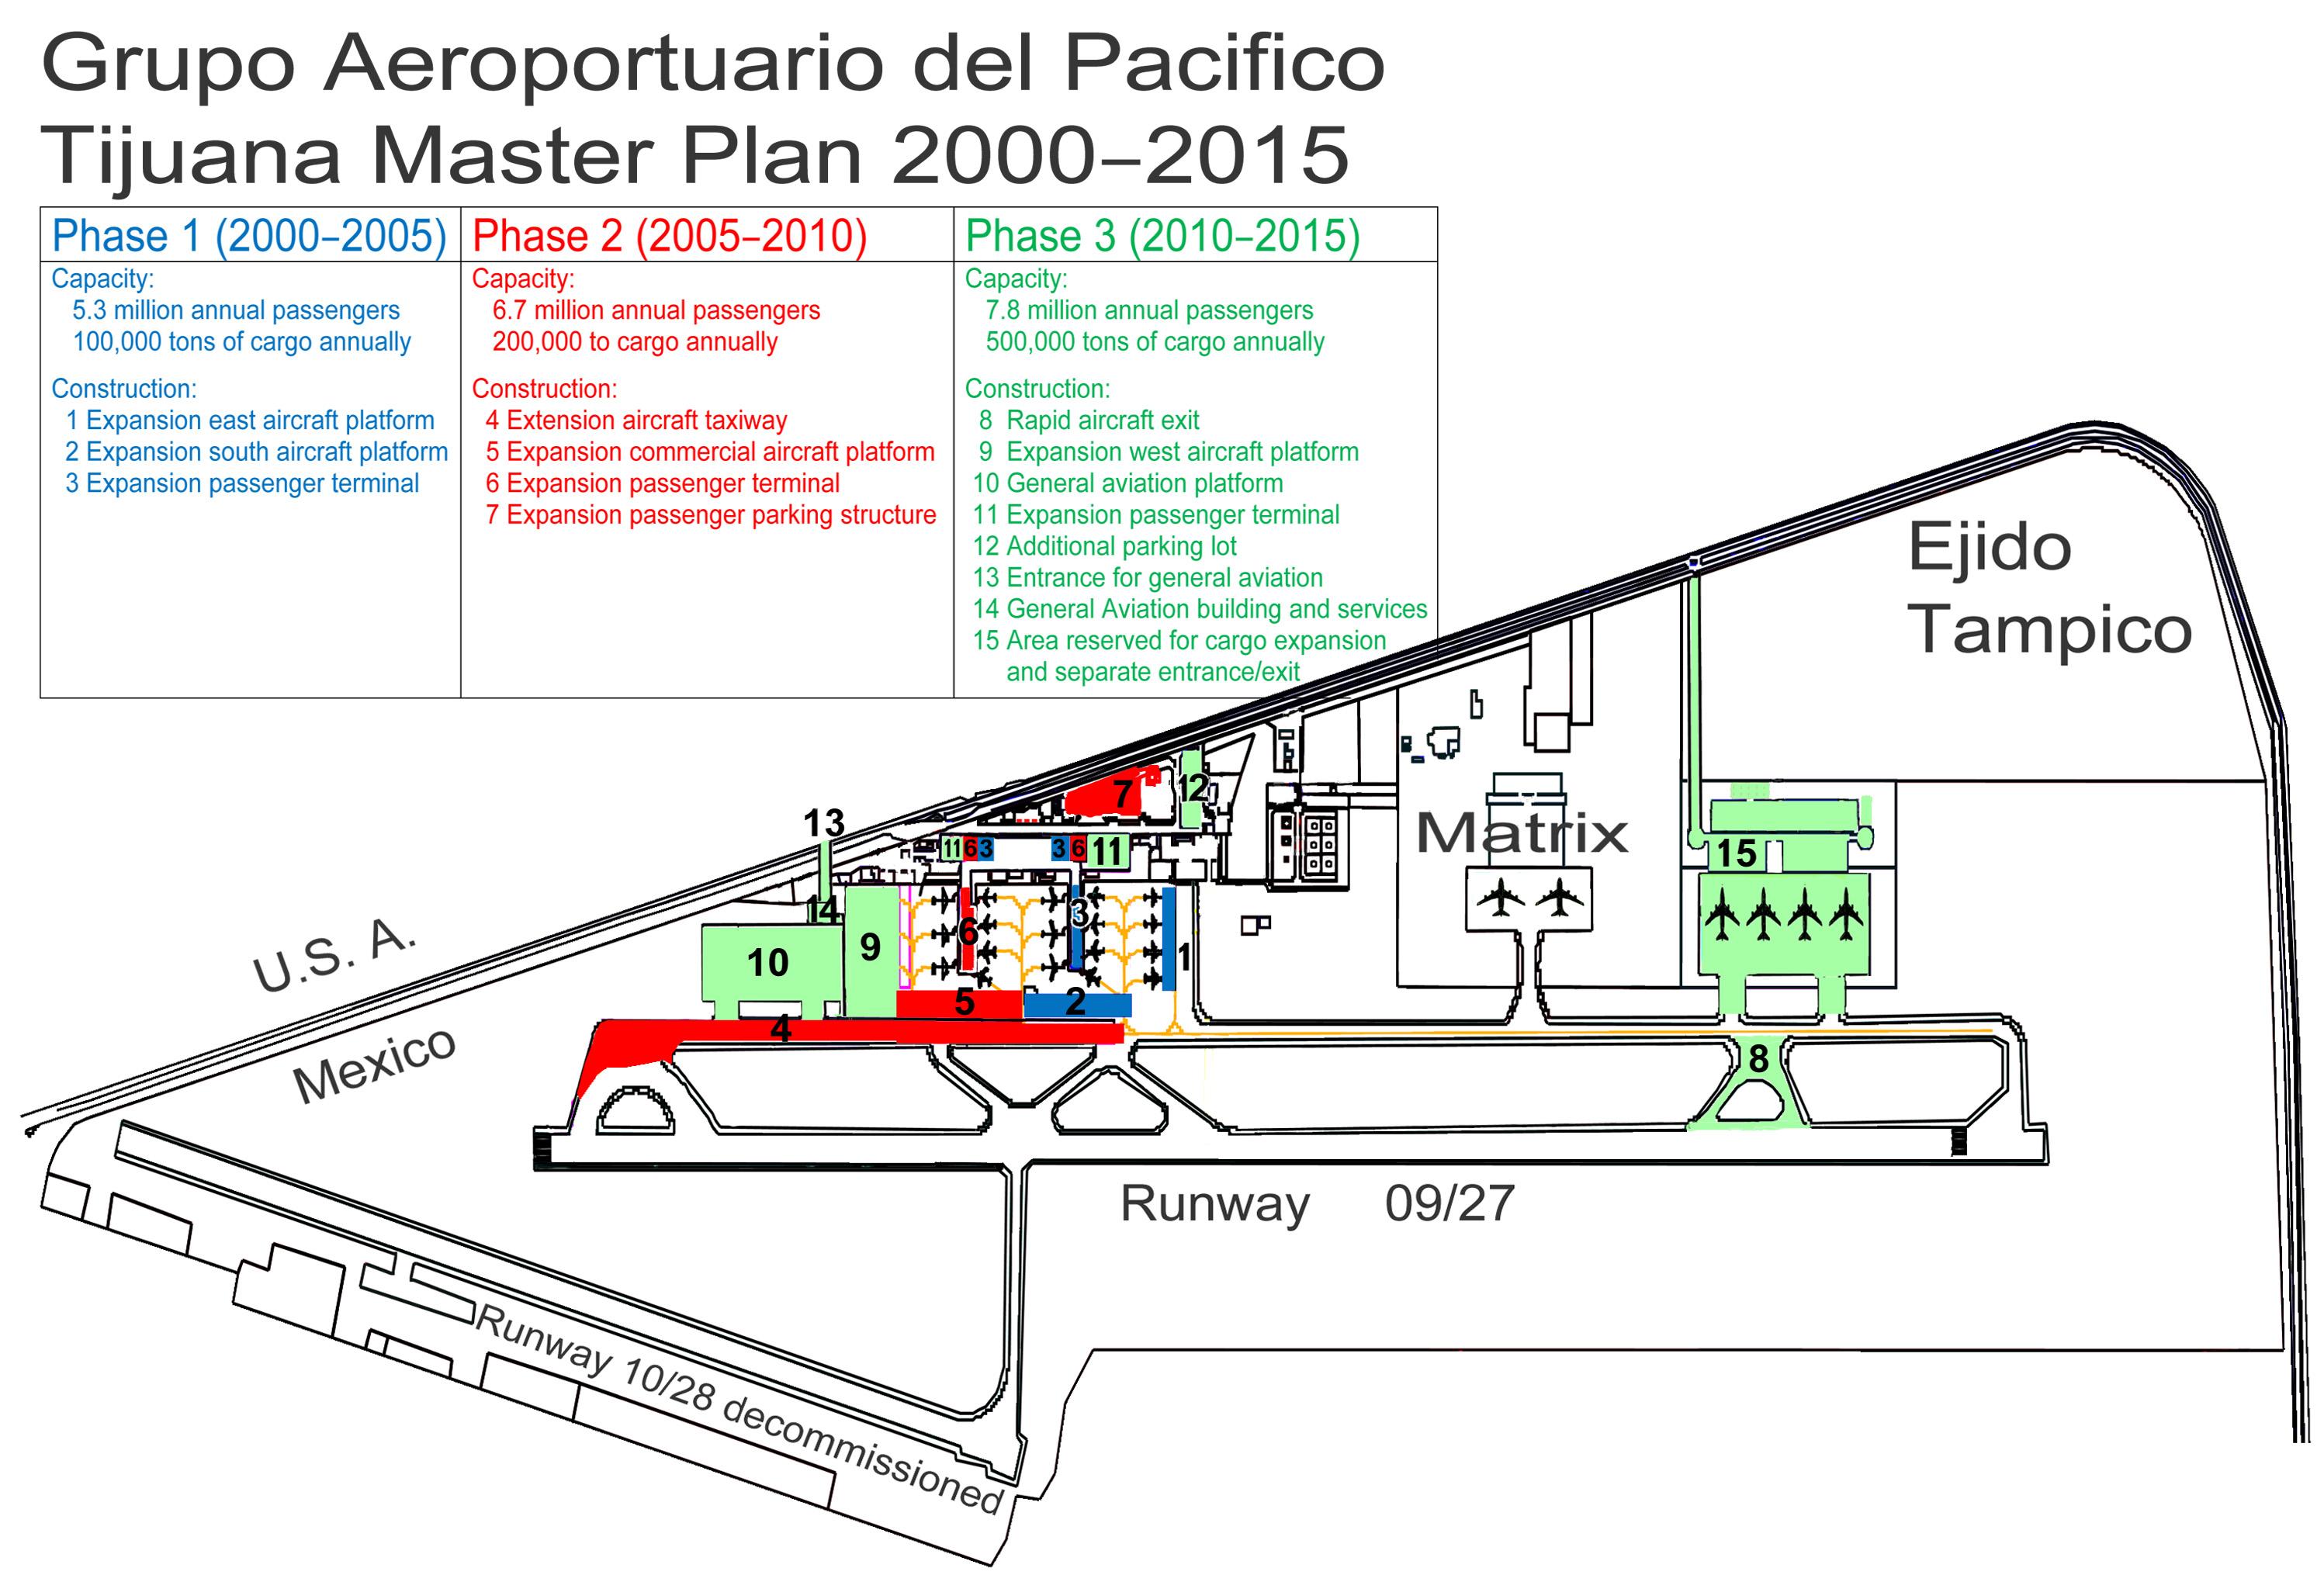 tijuana airport terminal map